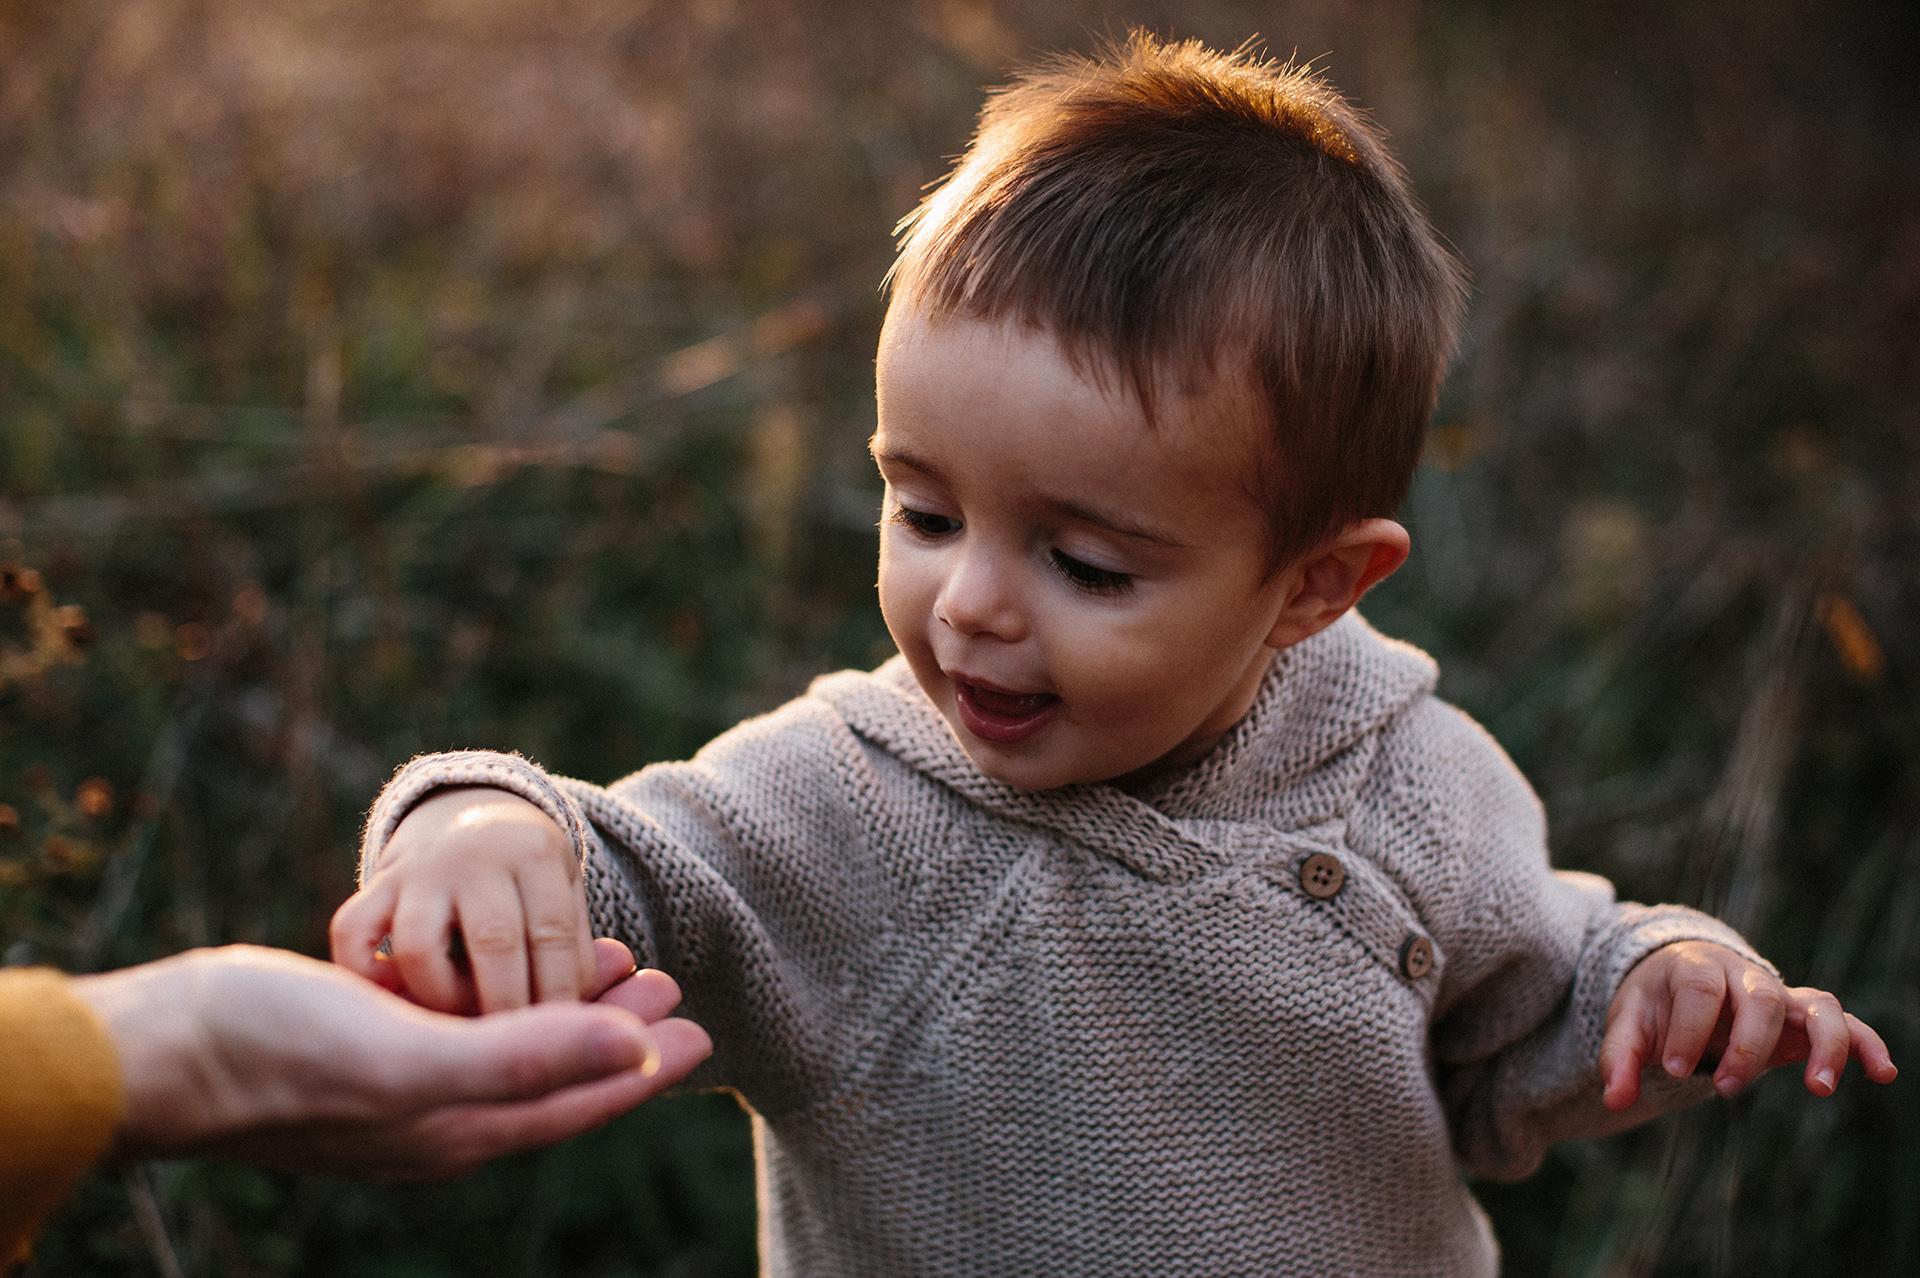 bambino piccolo raccoglie qualcosa